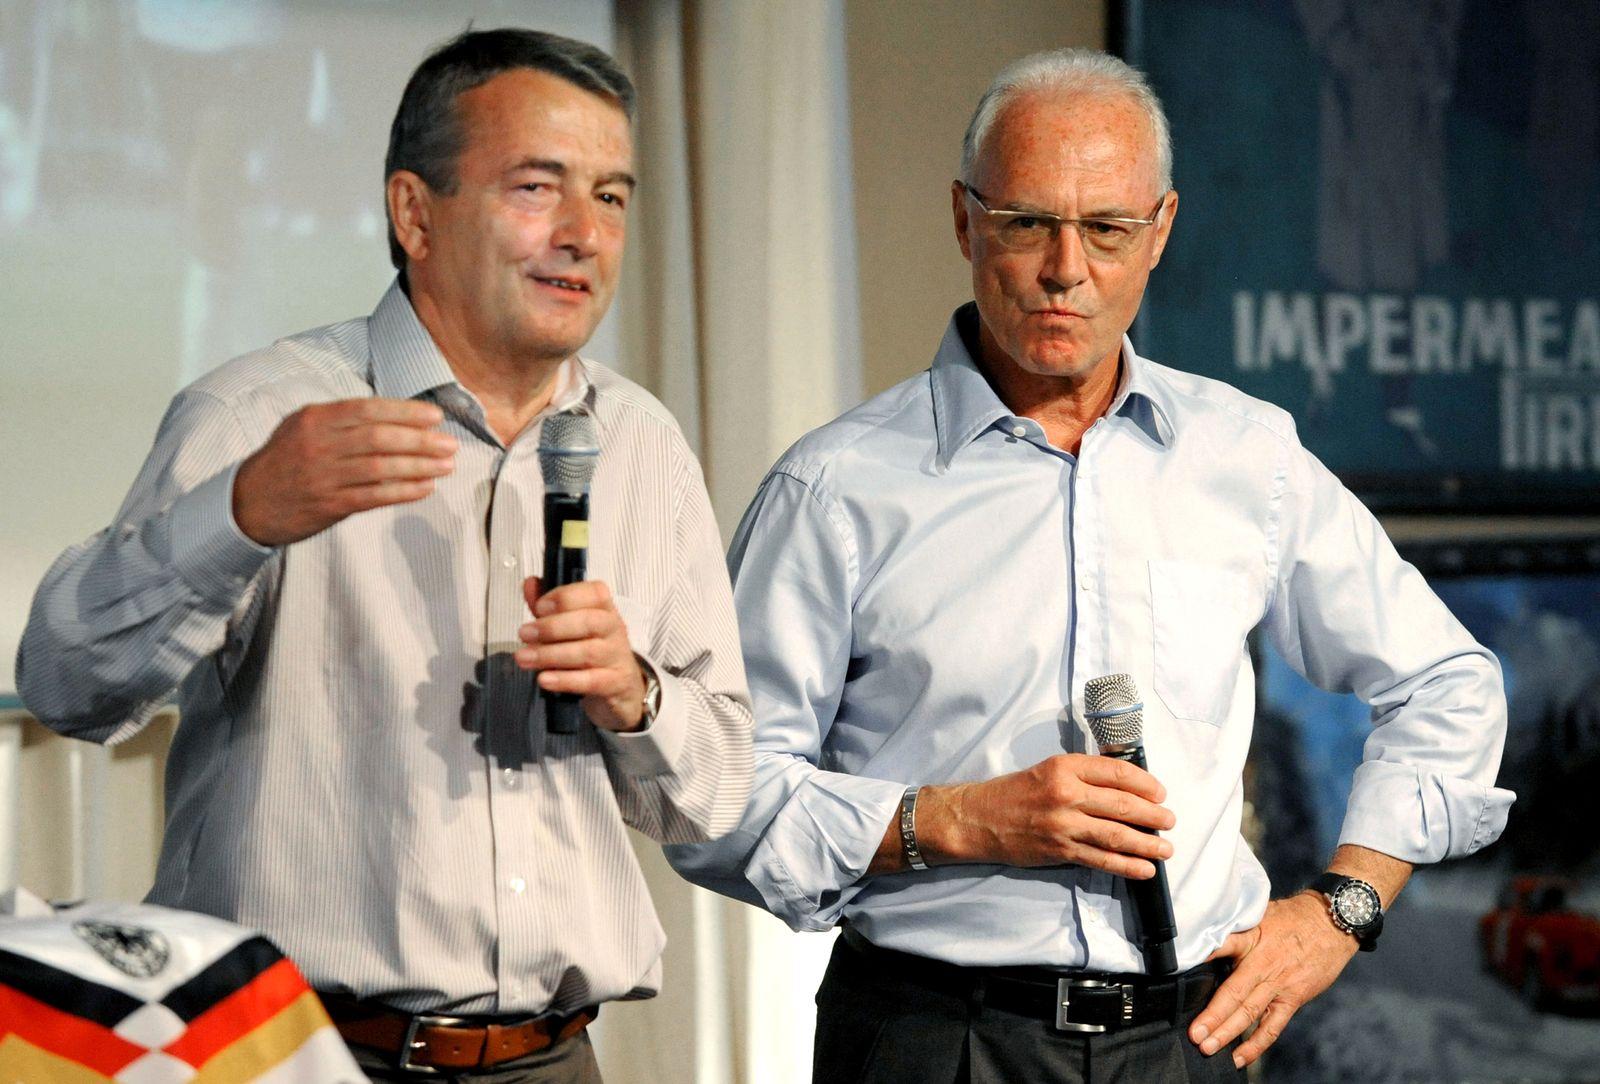 Wolfgang Niersbach / Franz Beckenbauer